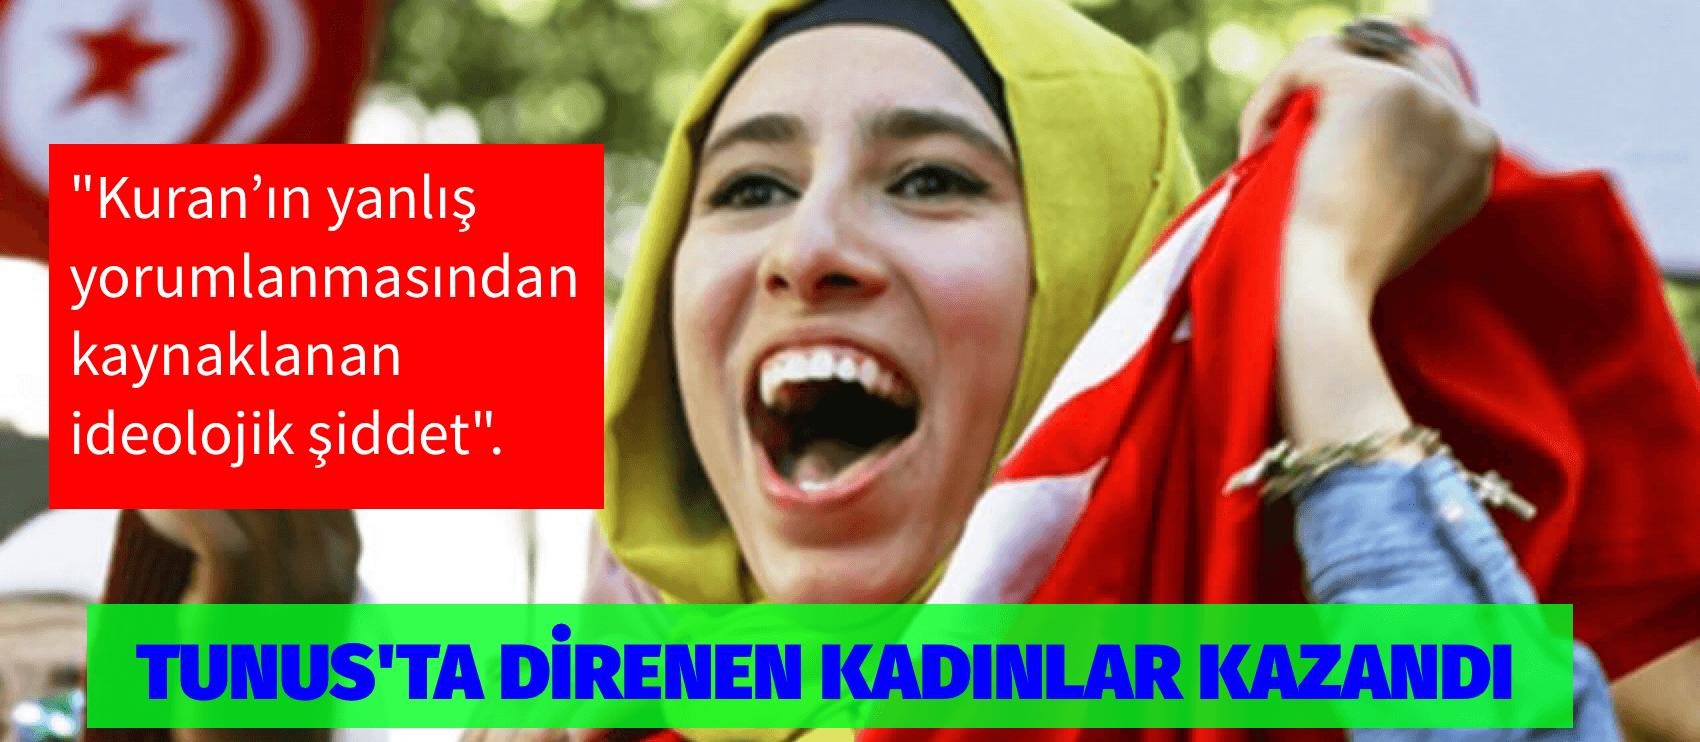 TUNUS'TA DİRENEN KADINLAR KAZANDI